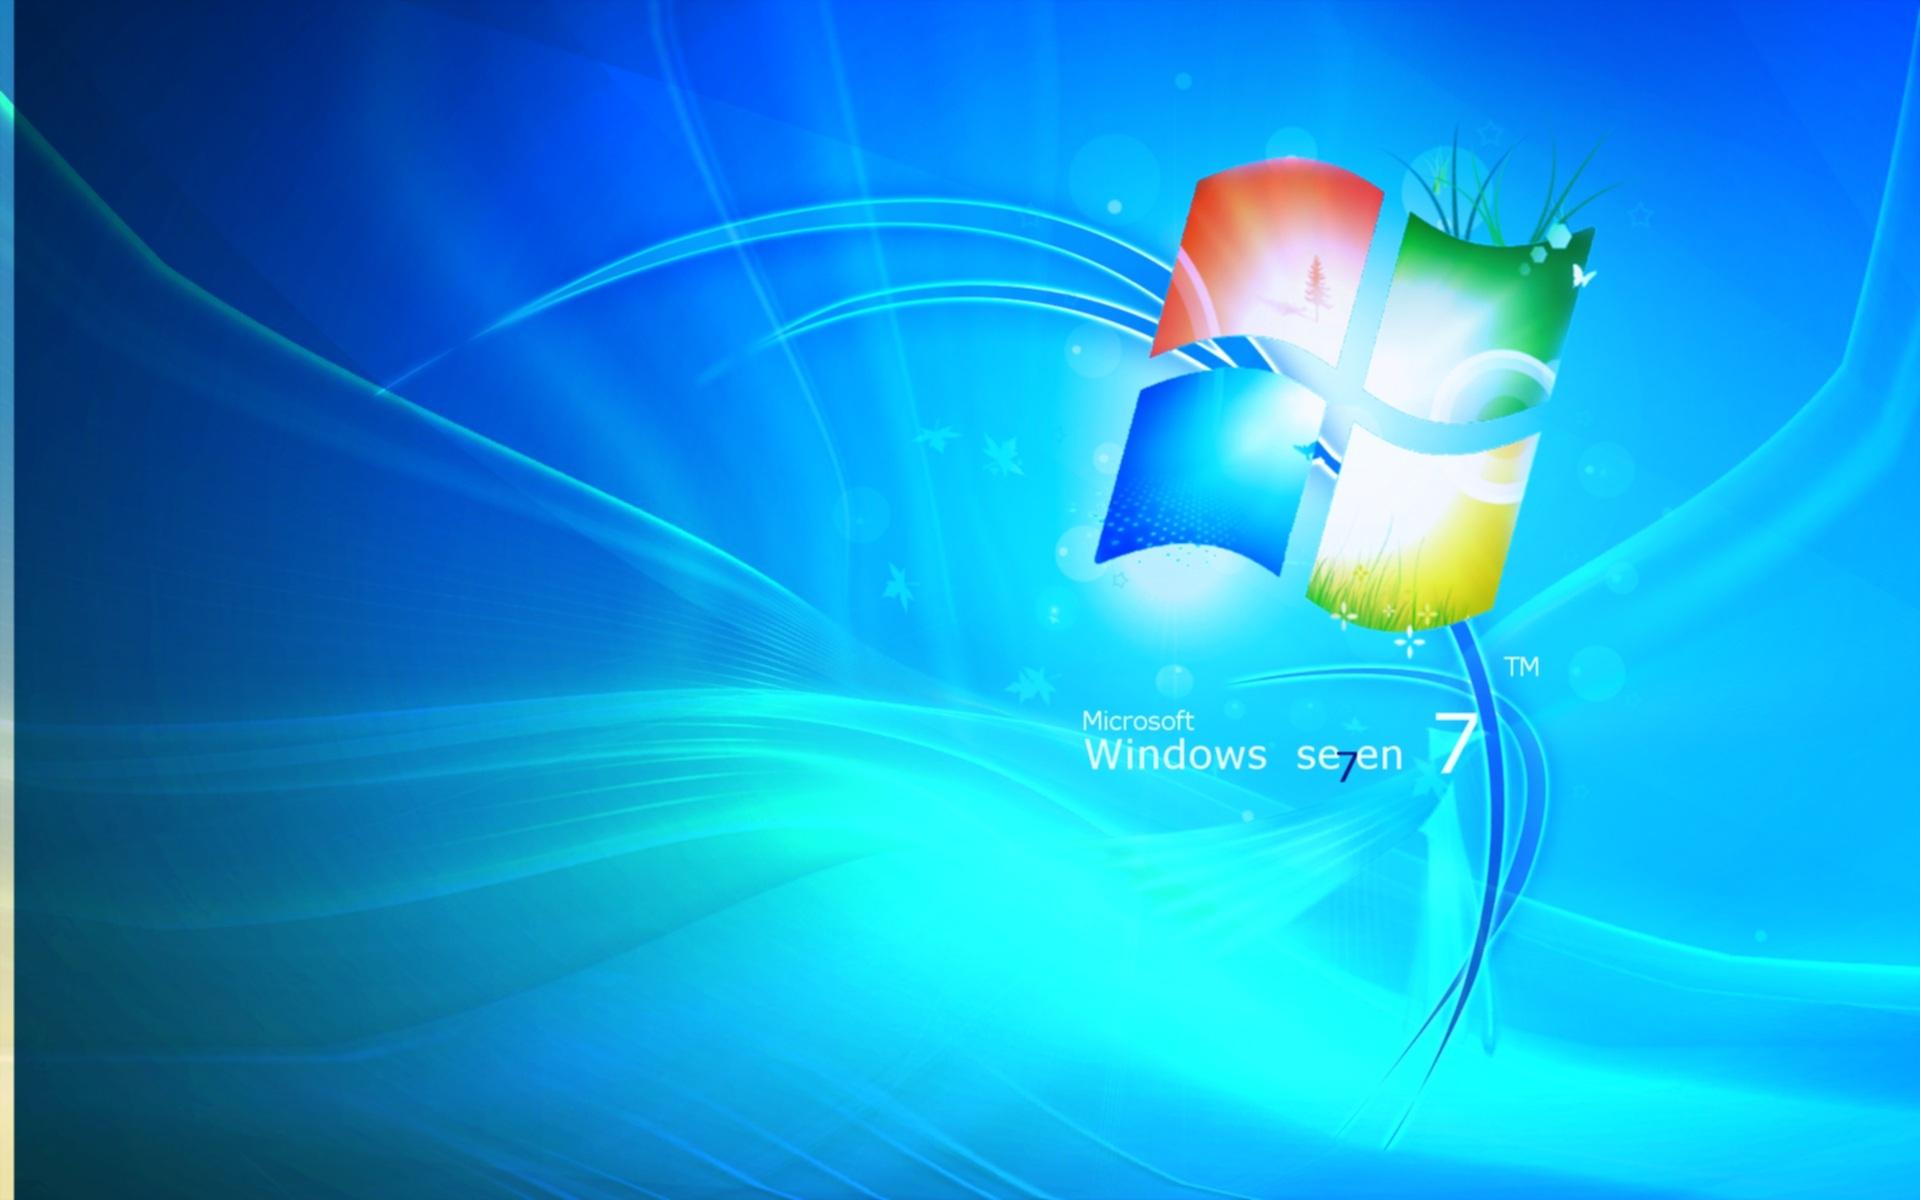 Программа для windows 7 начальная для обоев на рабочий стол